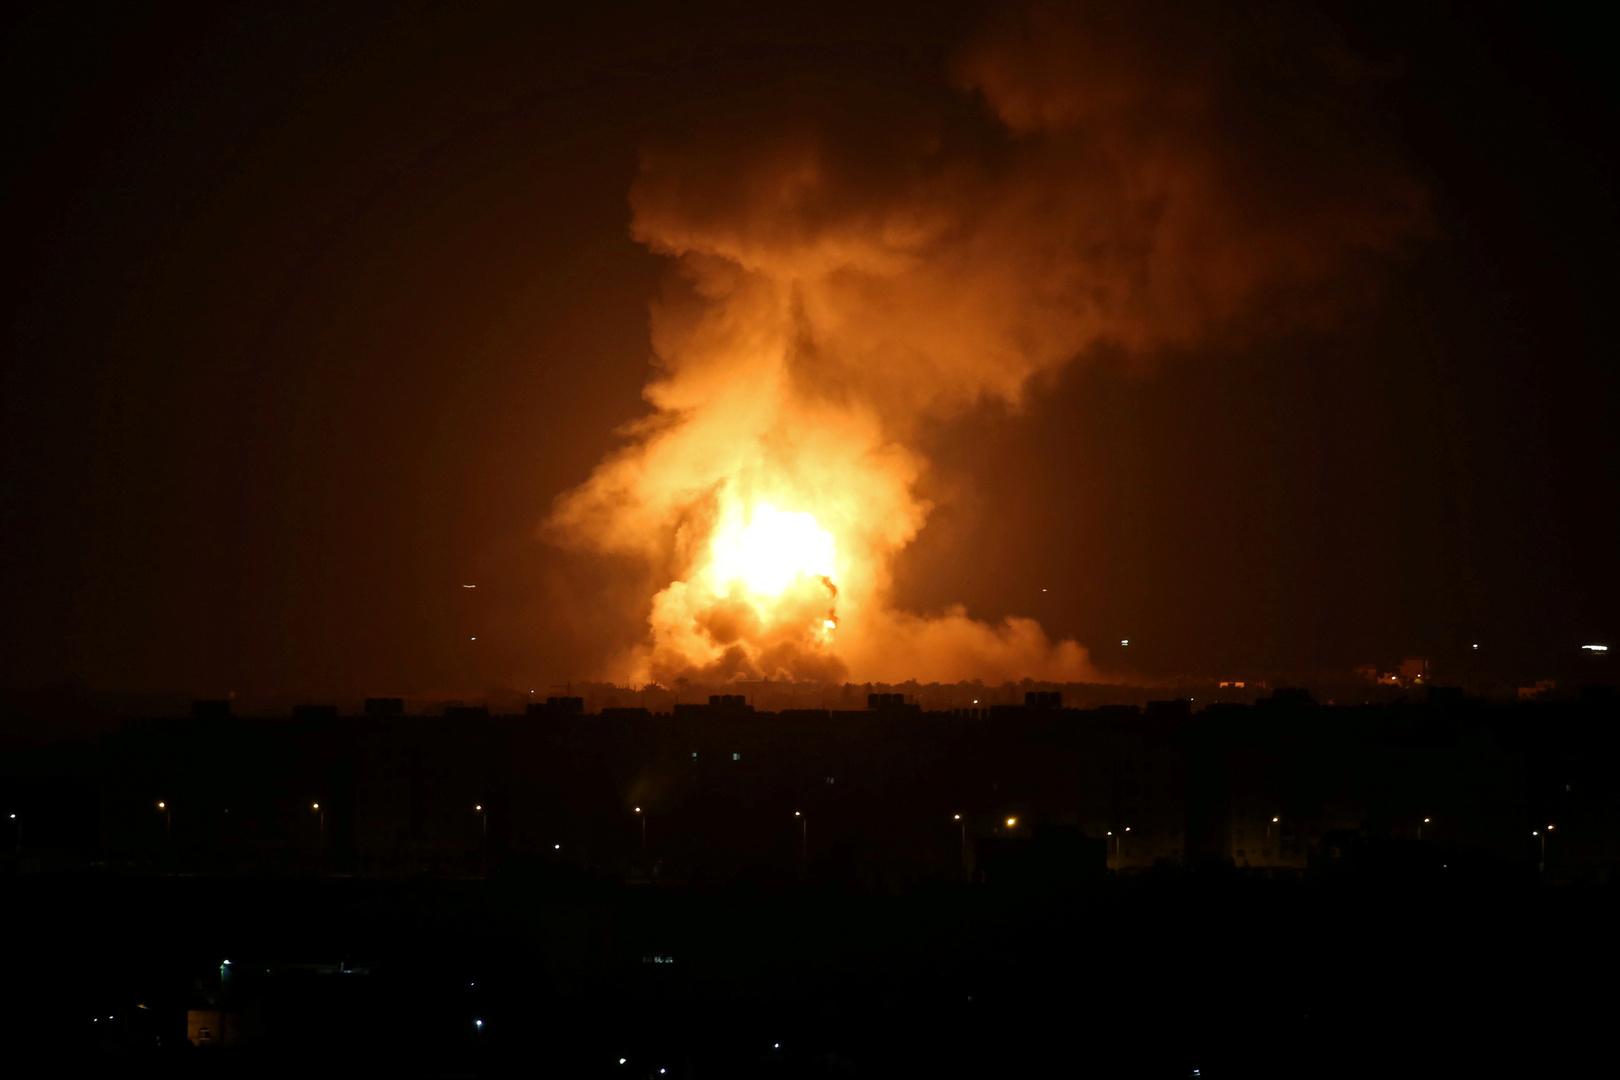 إسرائيل تستهدف مواقع في قطاع غزة بغارات جوية